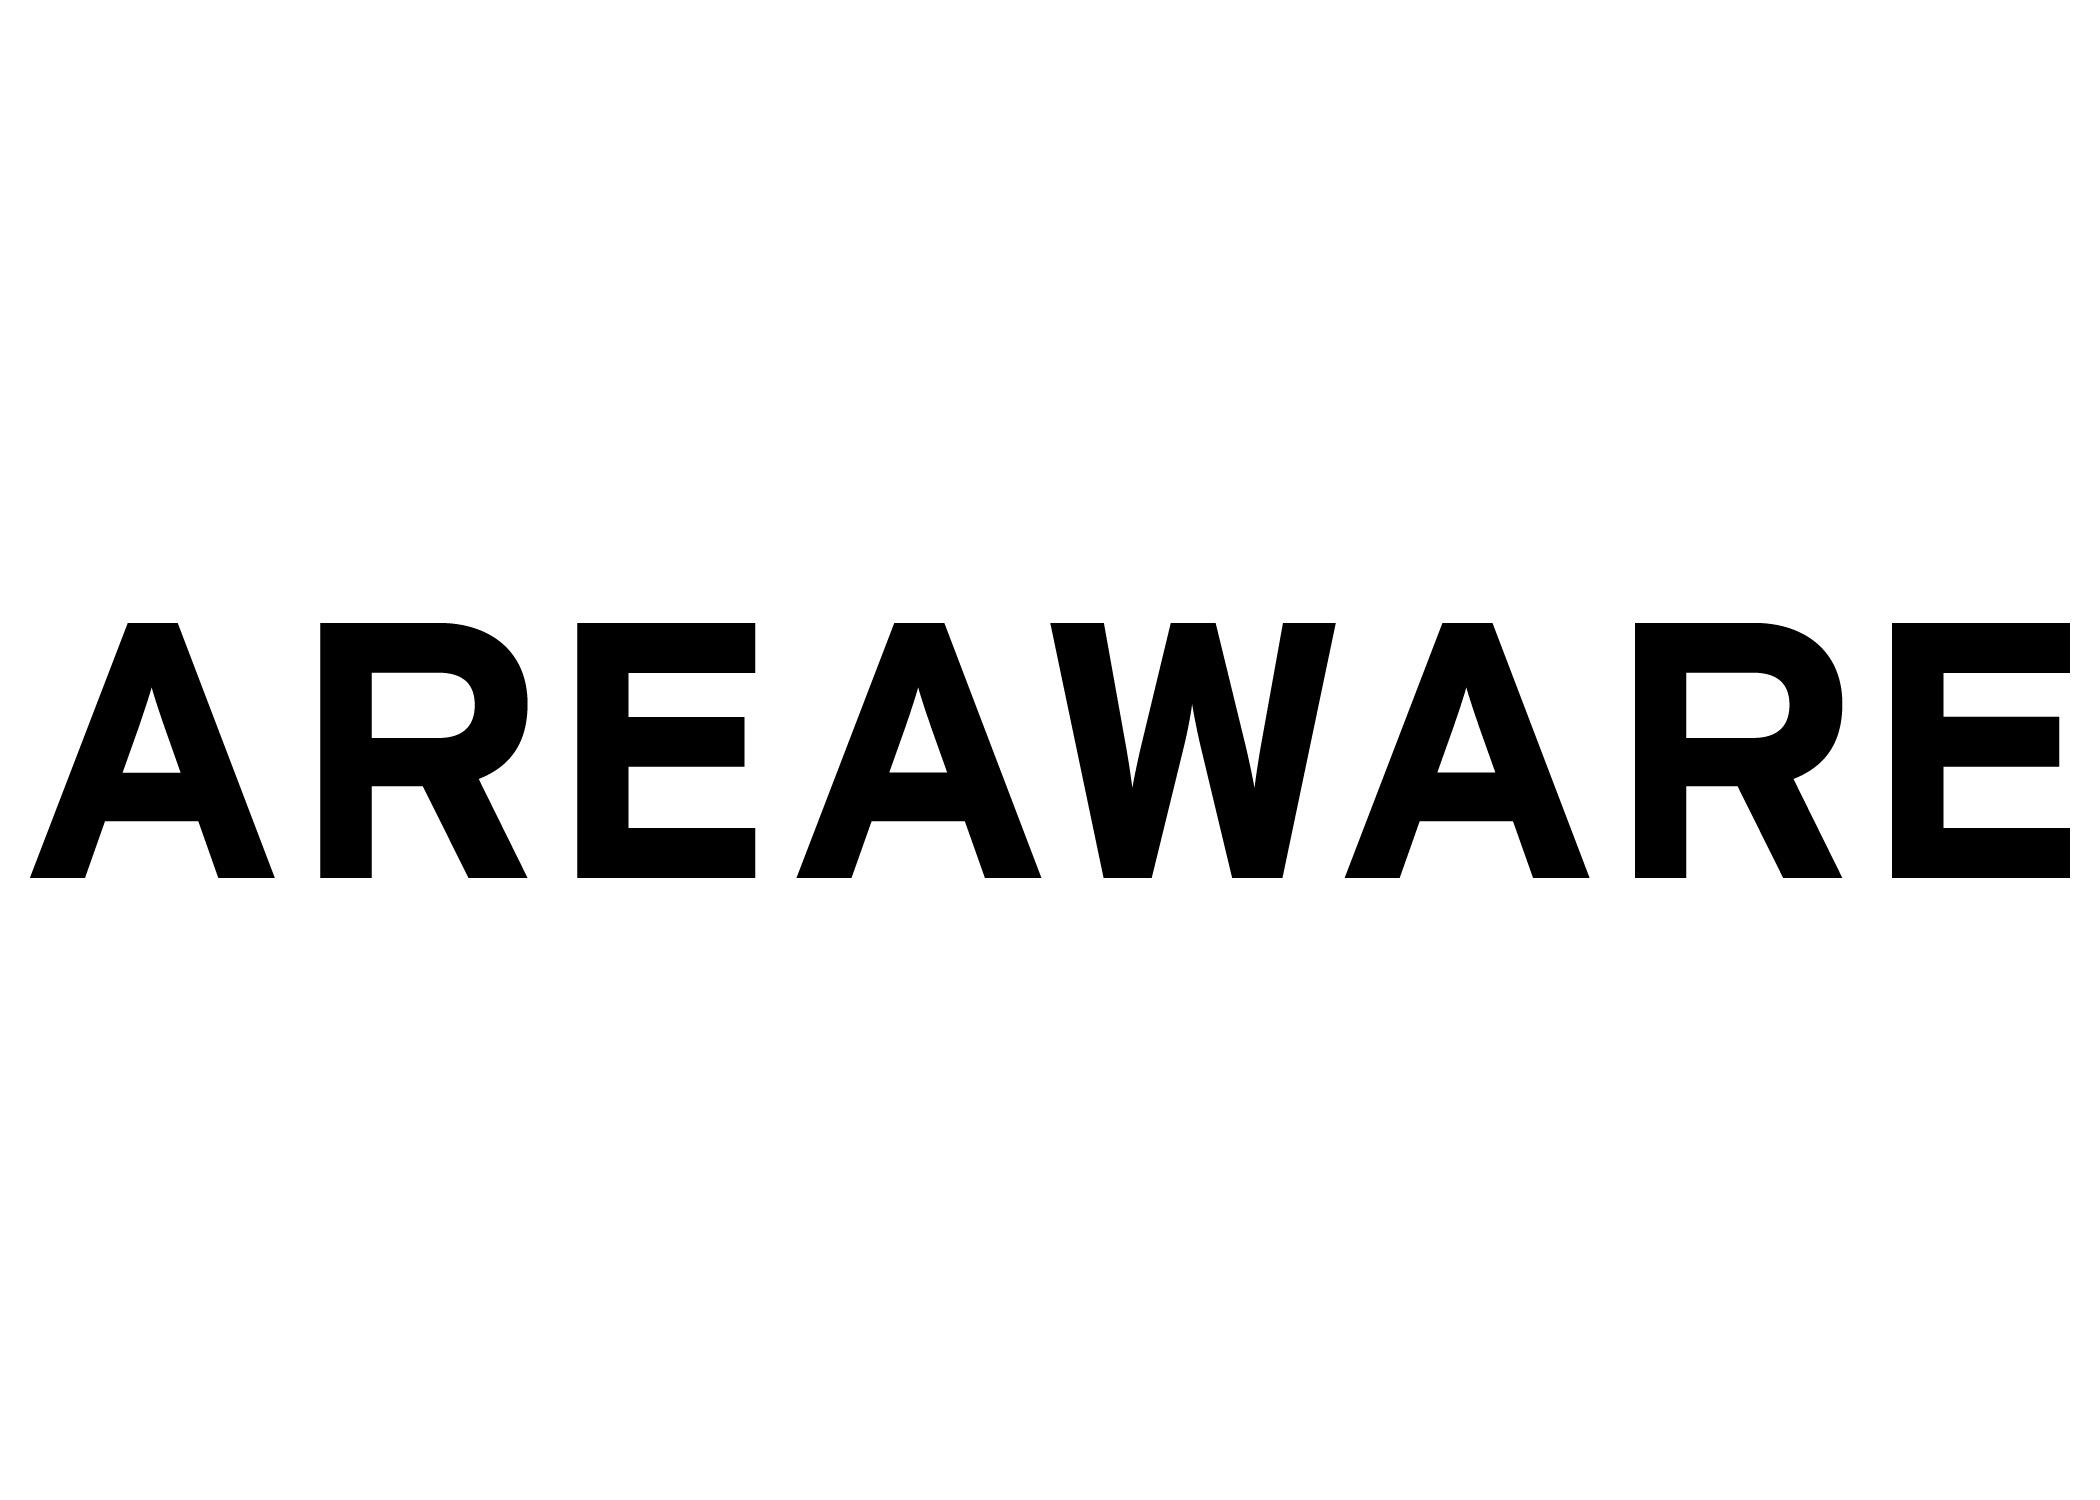 Areawear